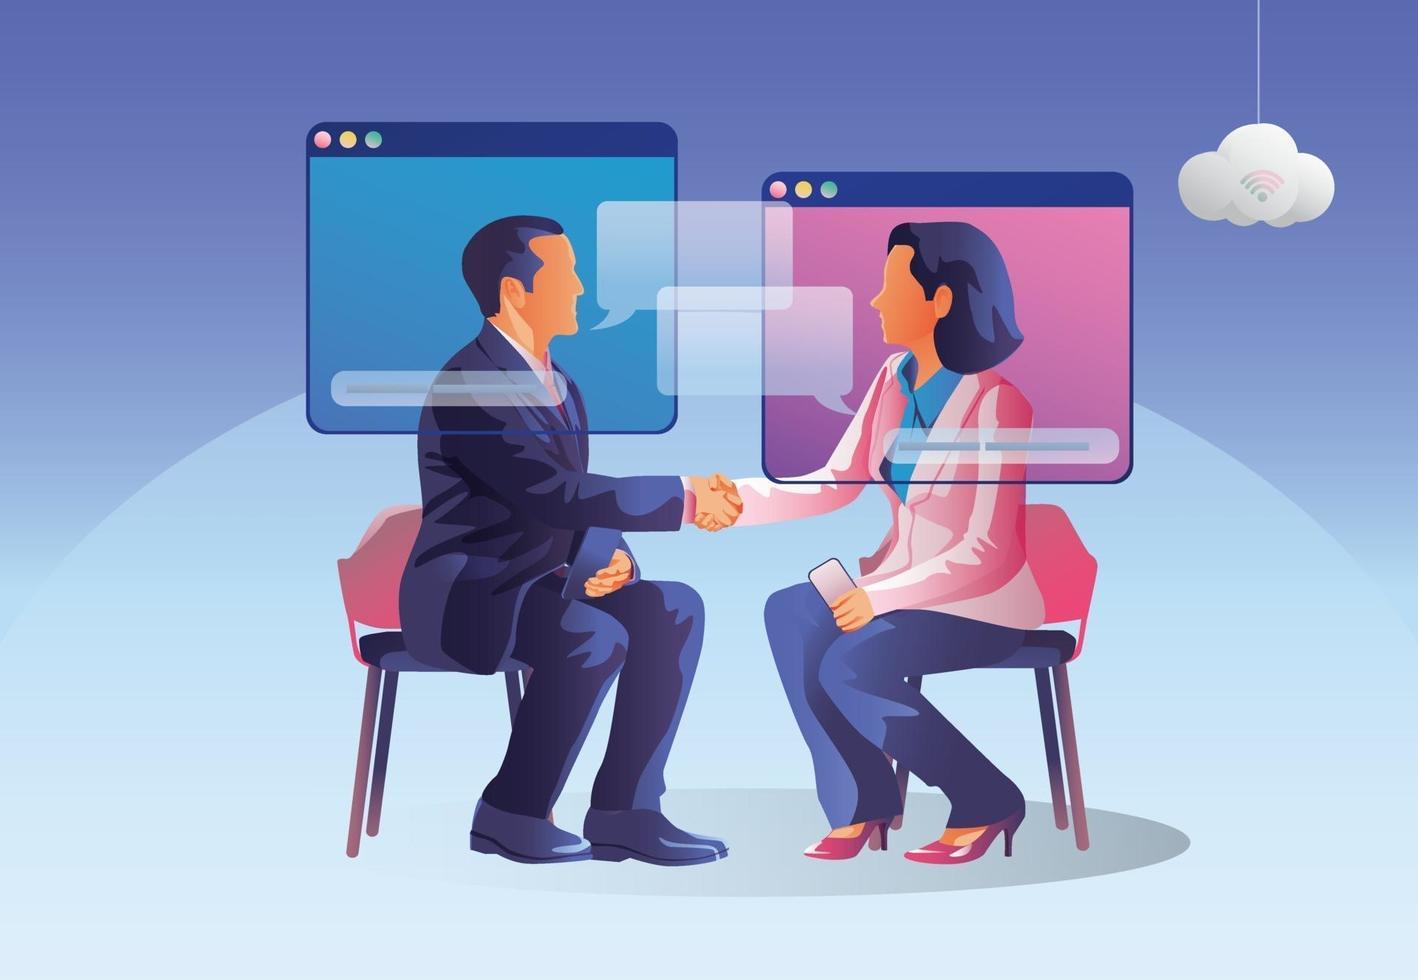 mensen gebruiken videoconferentie. mensen op raamscherm praten met collega's. videoconferenties en online werkruimtepagina voor vergaderingen, leren van man en vrouw. vectorillustratie, plat vector